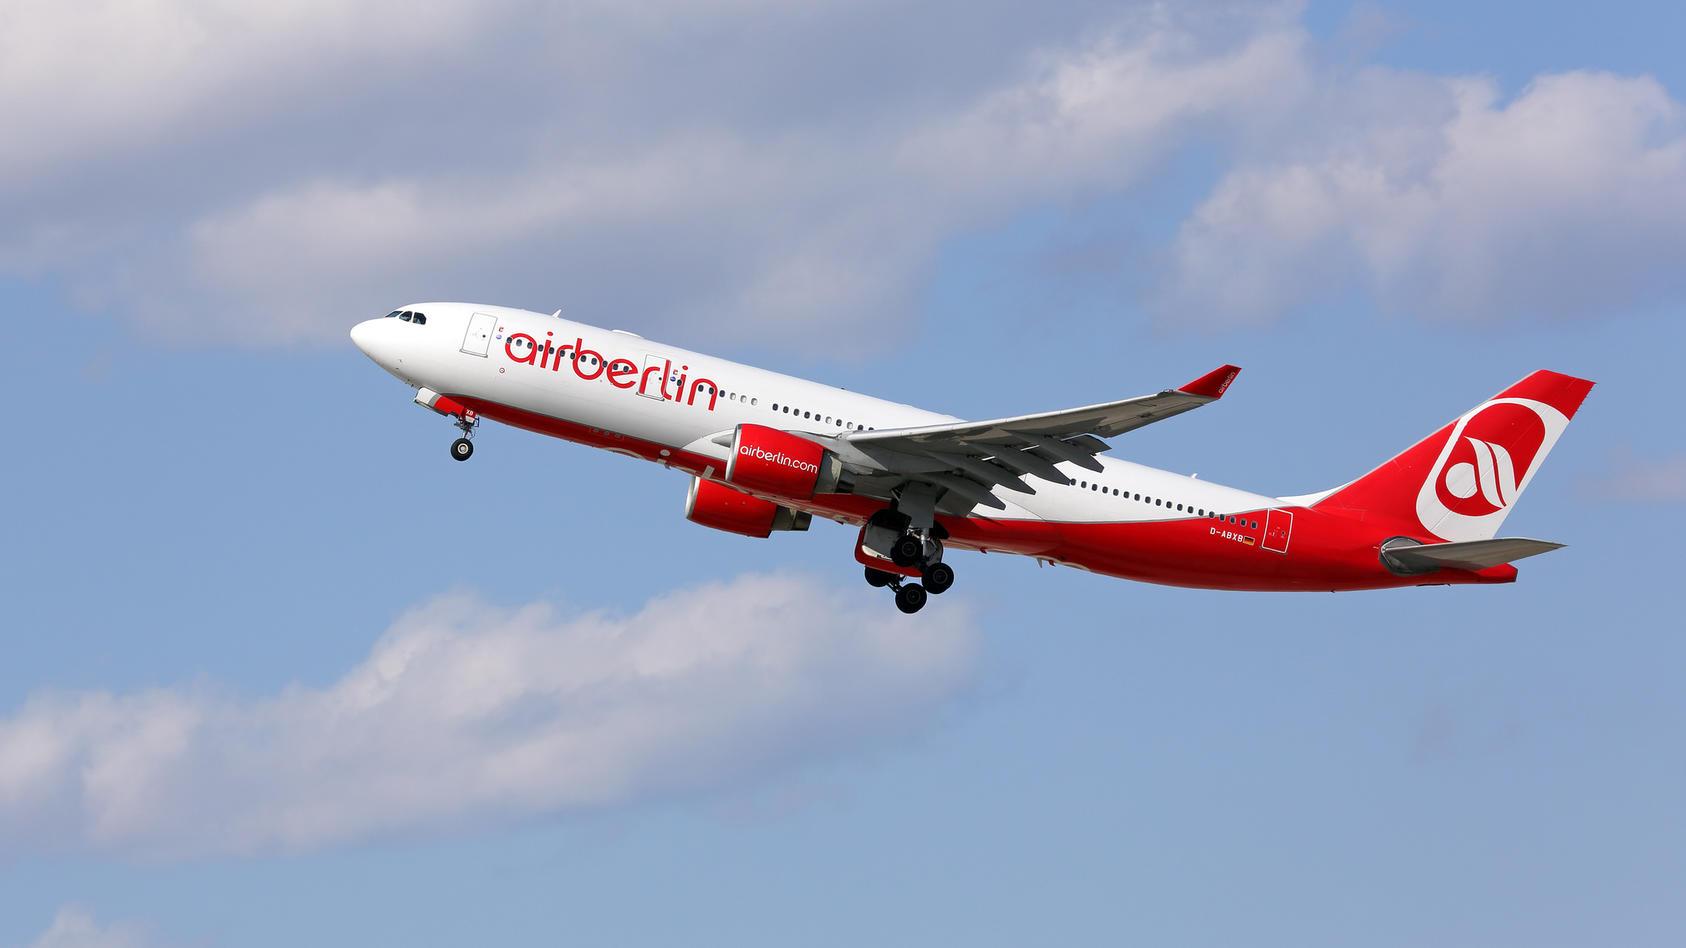 Am 15. August 2017 war Schluss für Air Berlin, die deutsche Fluglinie meldete Insolvenz an. Die letzte Air-Berlin-Maschine flog am 27.10.2017 von München nach Berlin.